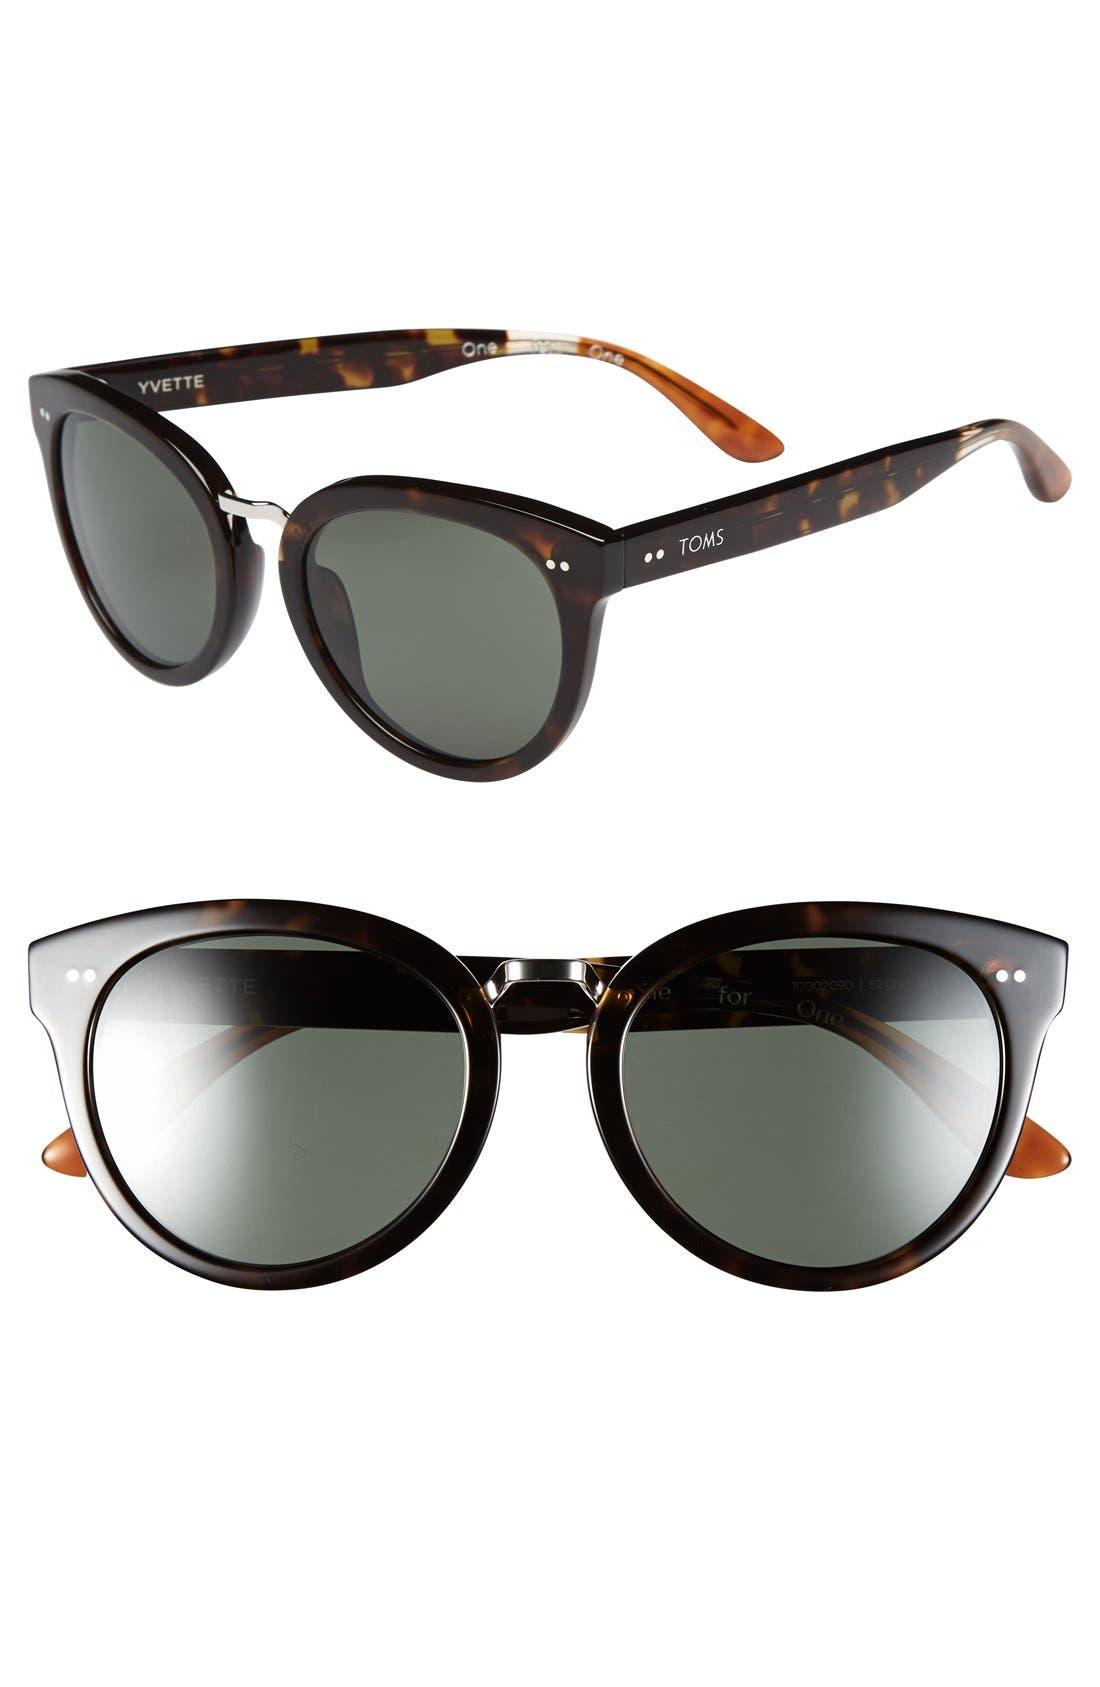 Alternate Image 1 Selected - TOMS 'Yvette' 52mm Polarized Sunglasses